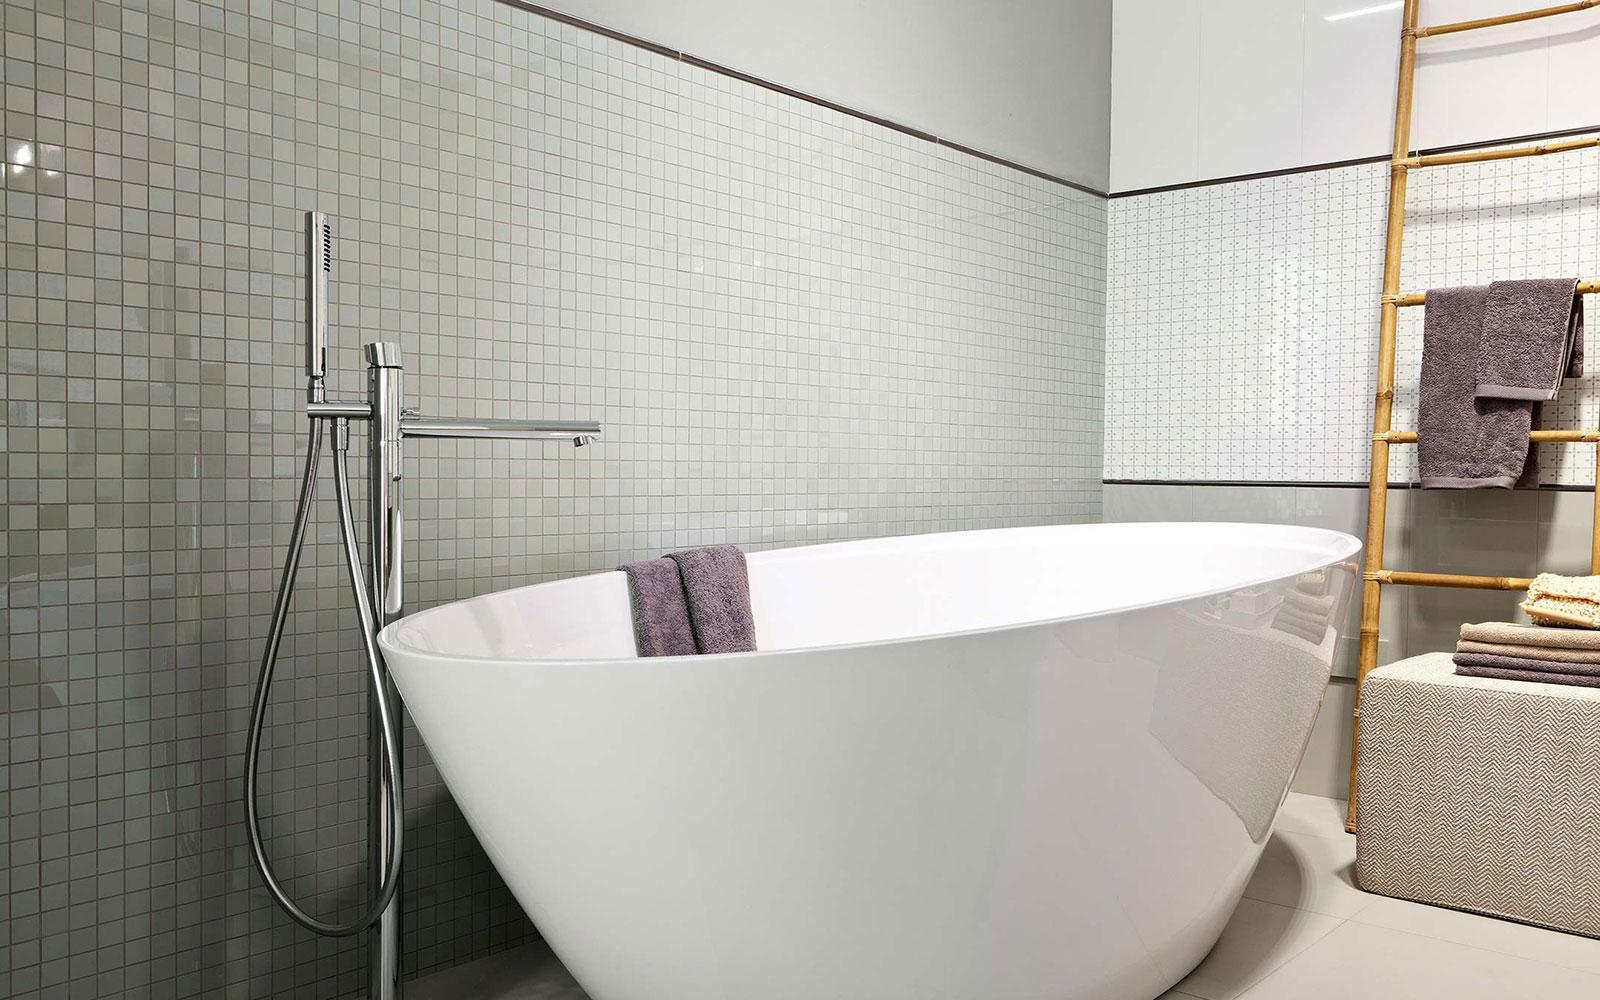 Revestimiento para el ba o azulejos pe a - Azulejos mosaicos para banos ...